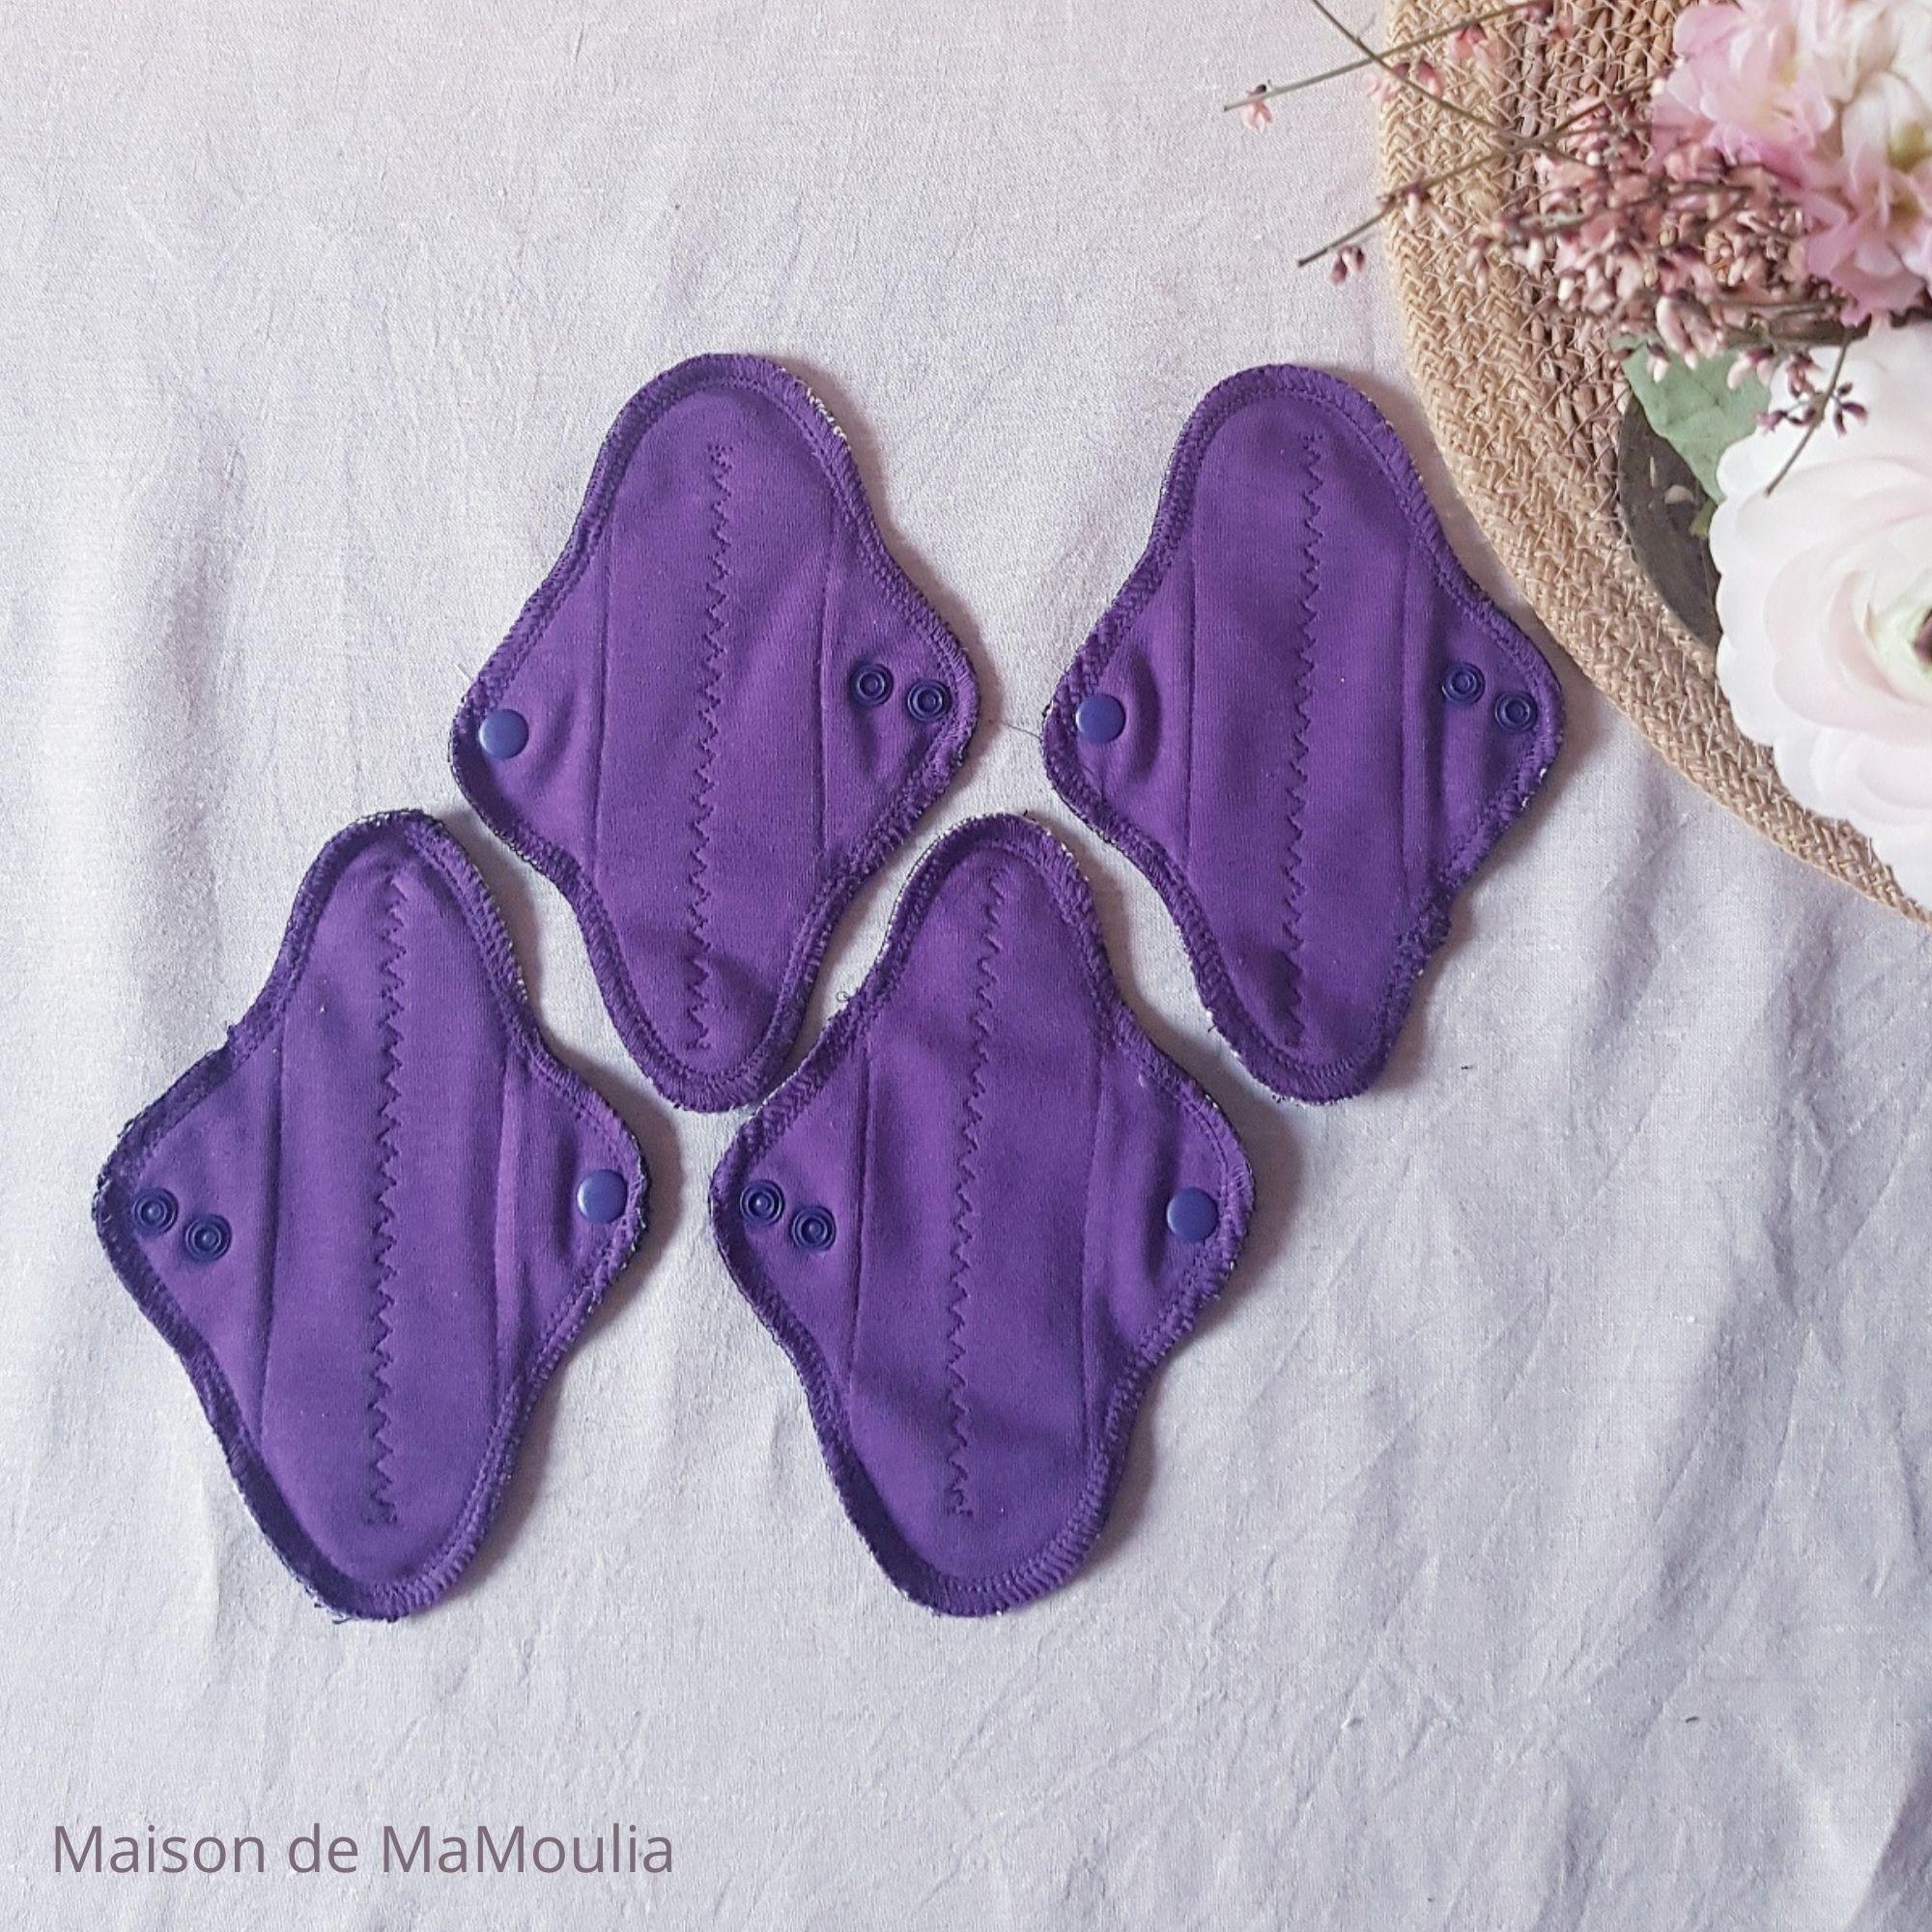 MaM ECOFIT - Serviettes Hygiéniques Lavables - taille MINI - AUBERGINE, lot de 4